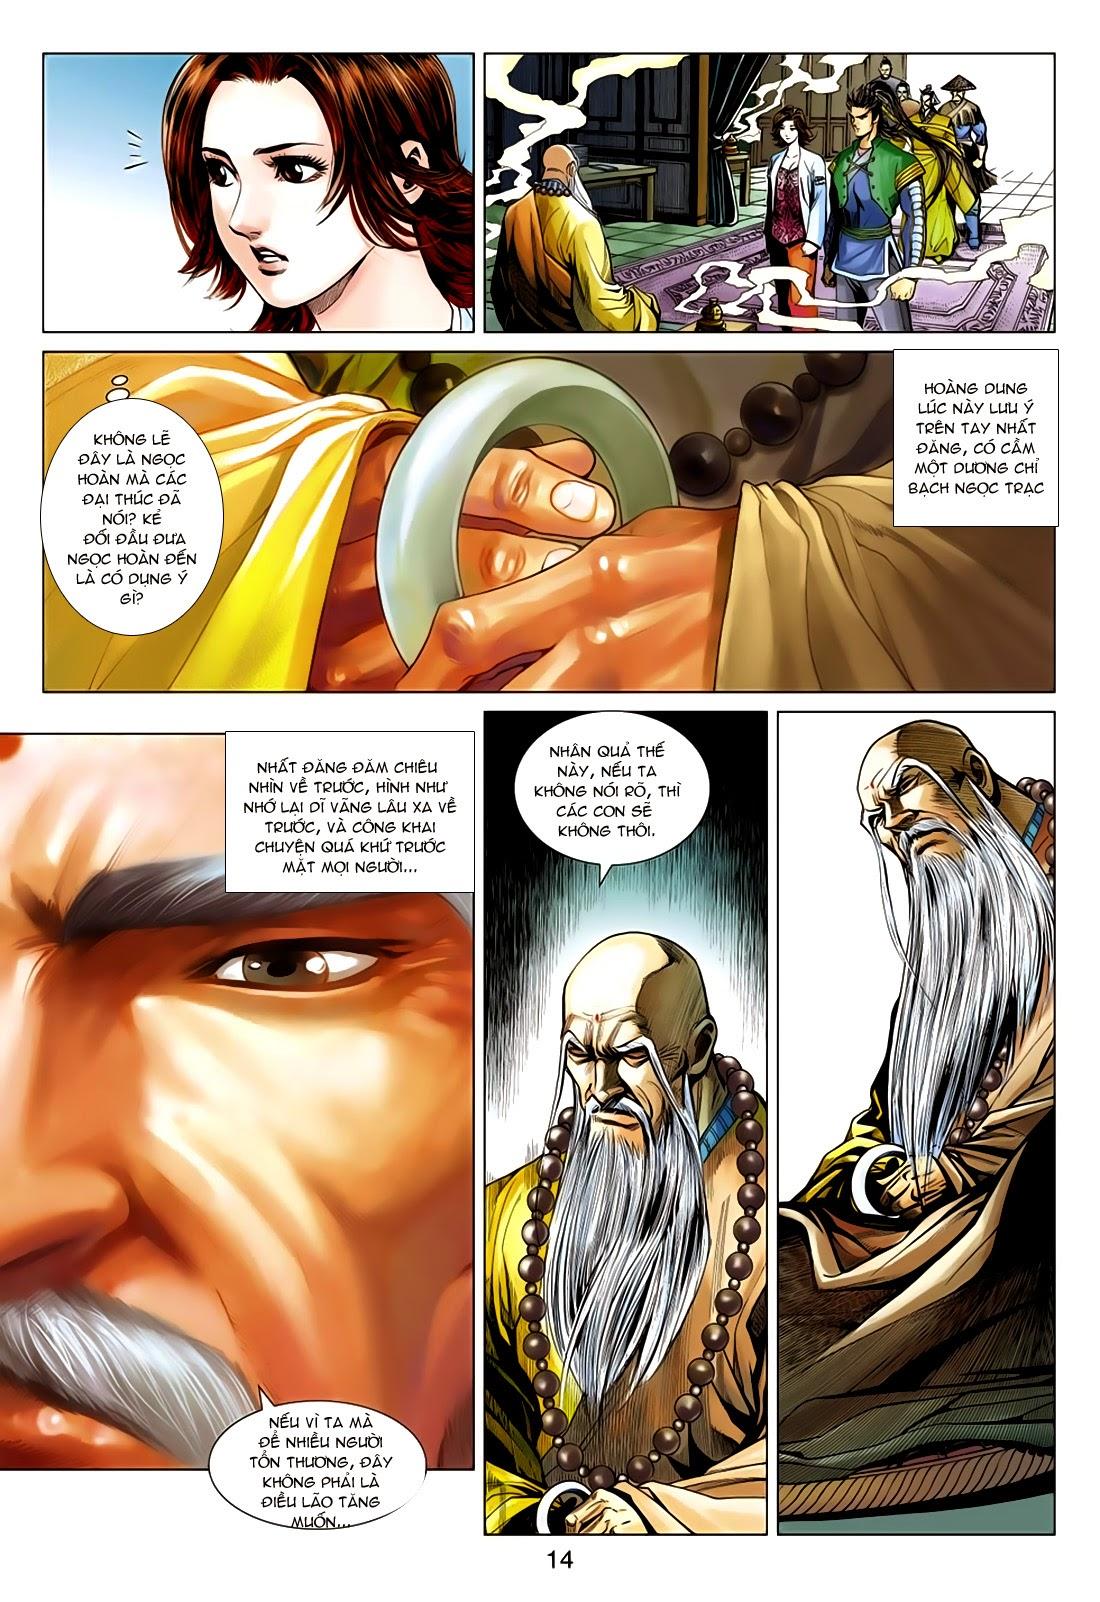 Anh Hùng Xạ Điêu anh hùng xạ đêu chap 75: hoàng thành cựu sự trang 14